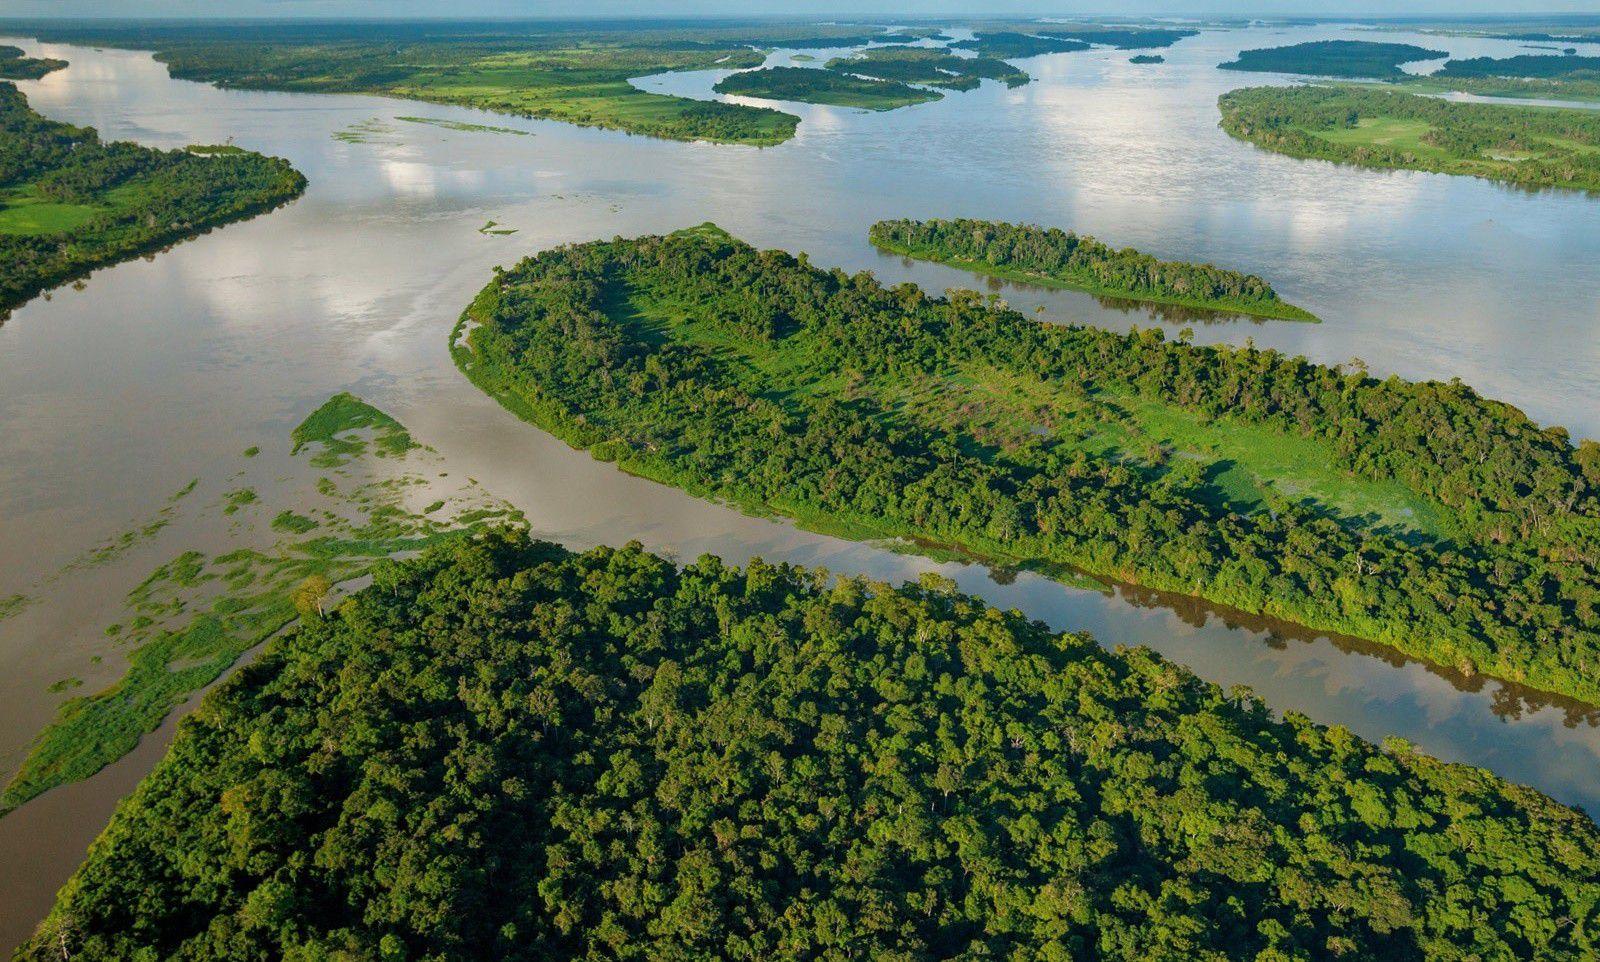 بالصور اكبر نهر في العالم , صور لاكبر نهر في العالم 1708 4